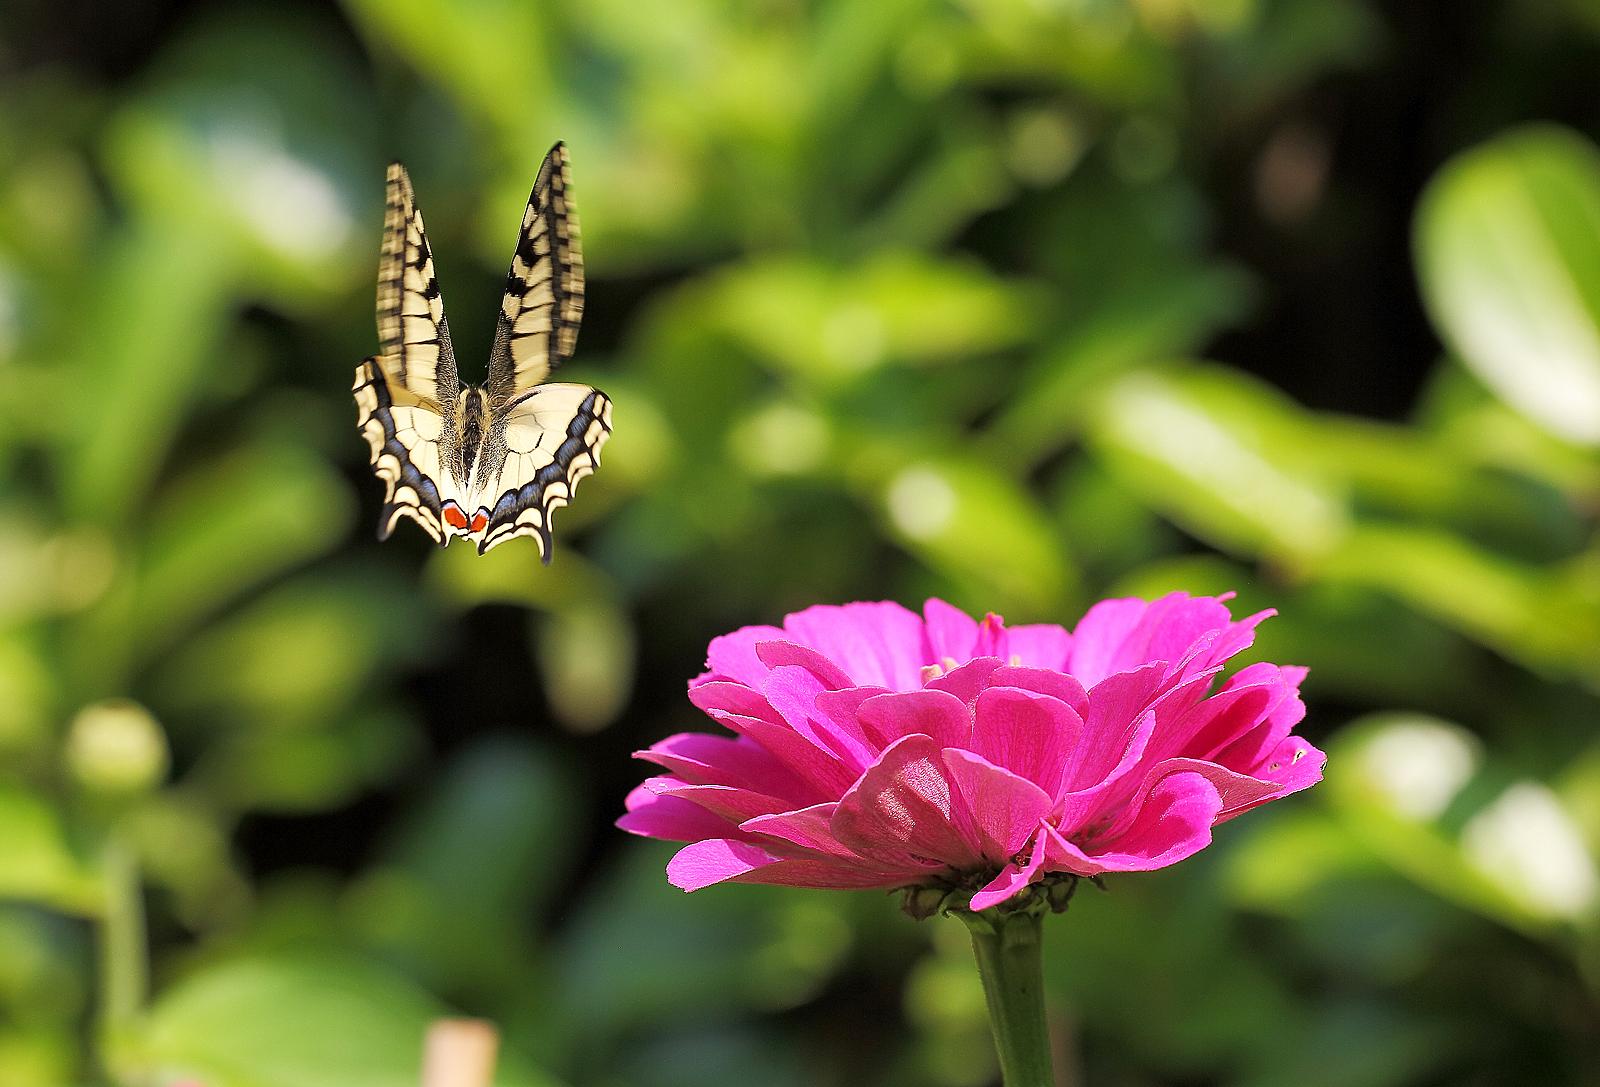 Swallowtail in flight...